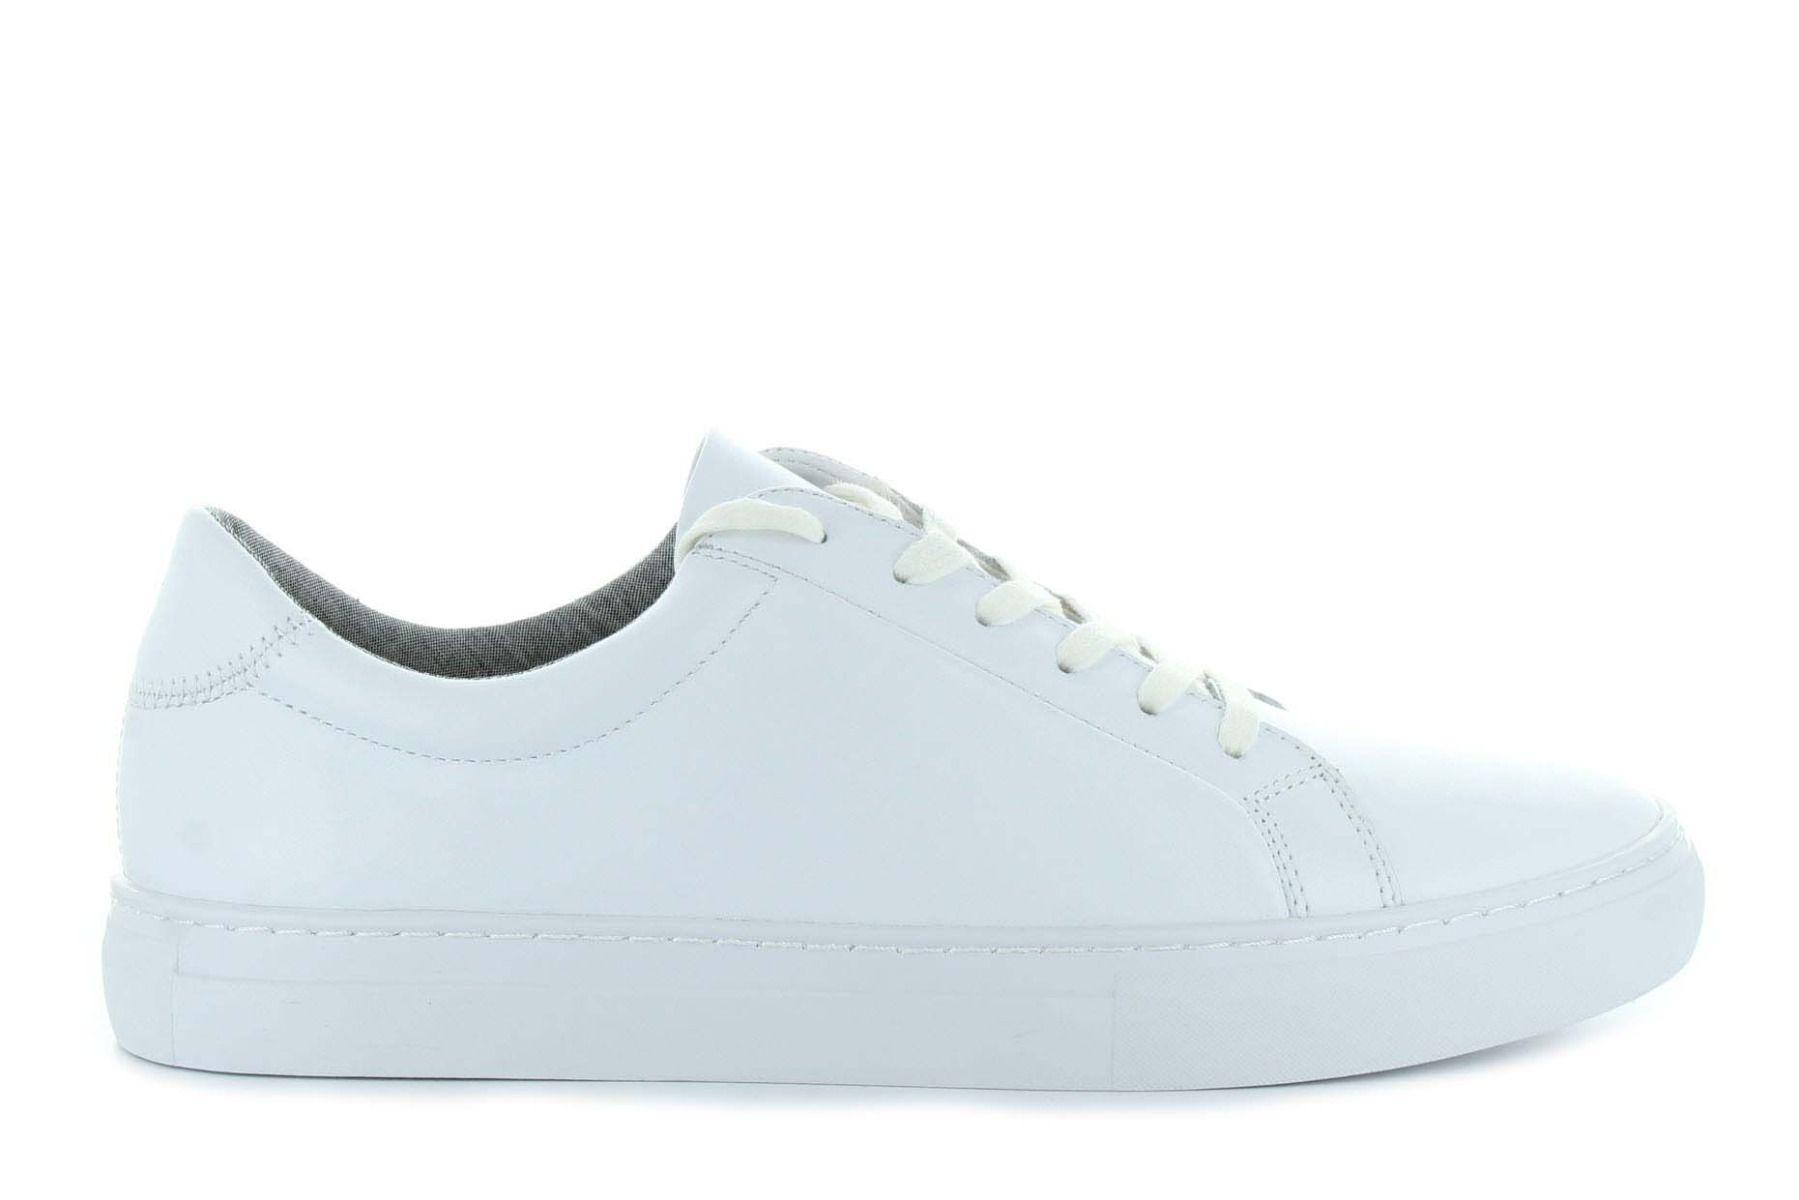 Vásárlás: Vagabond Férfi cipő Árak összehasonlítása